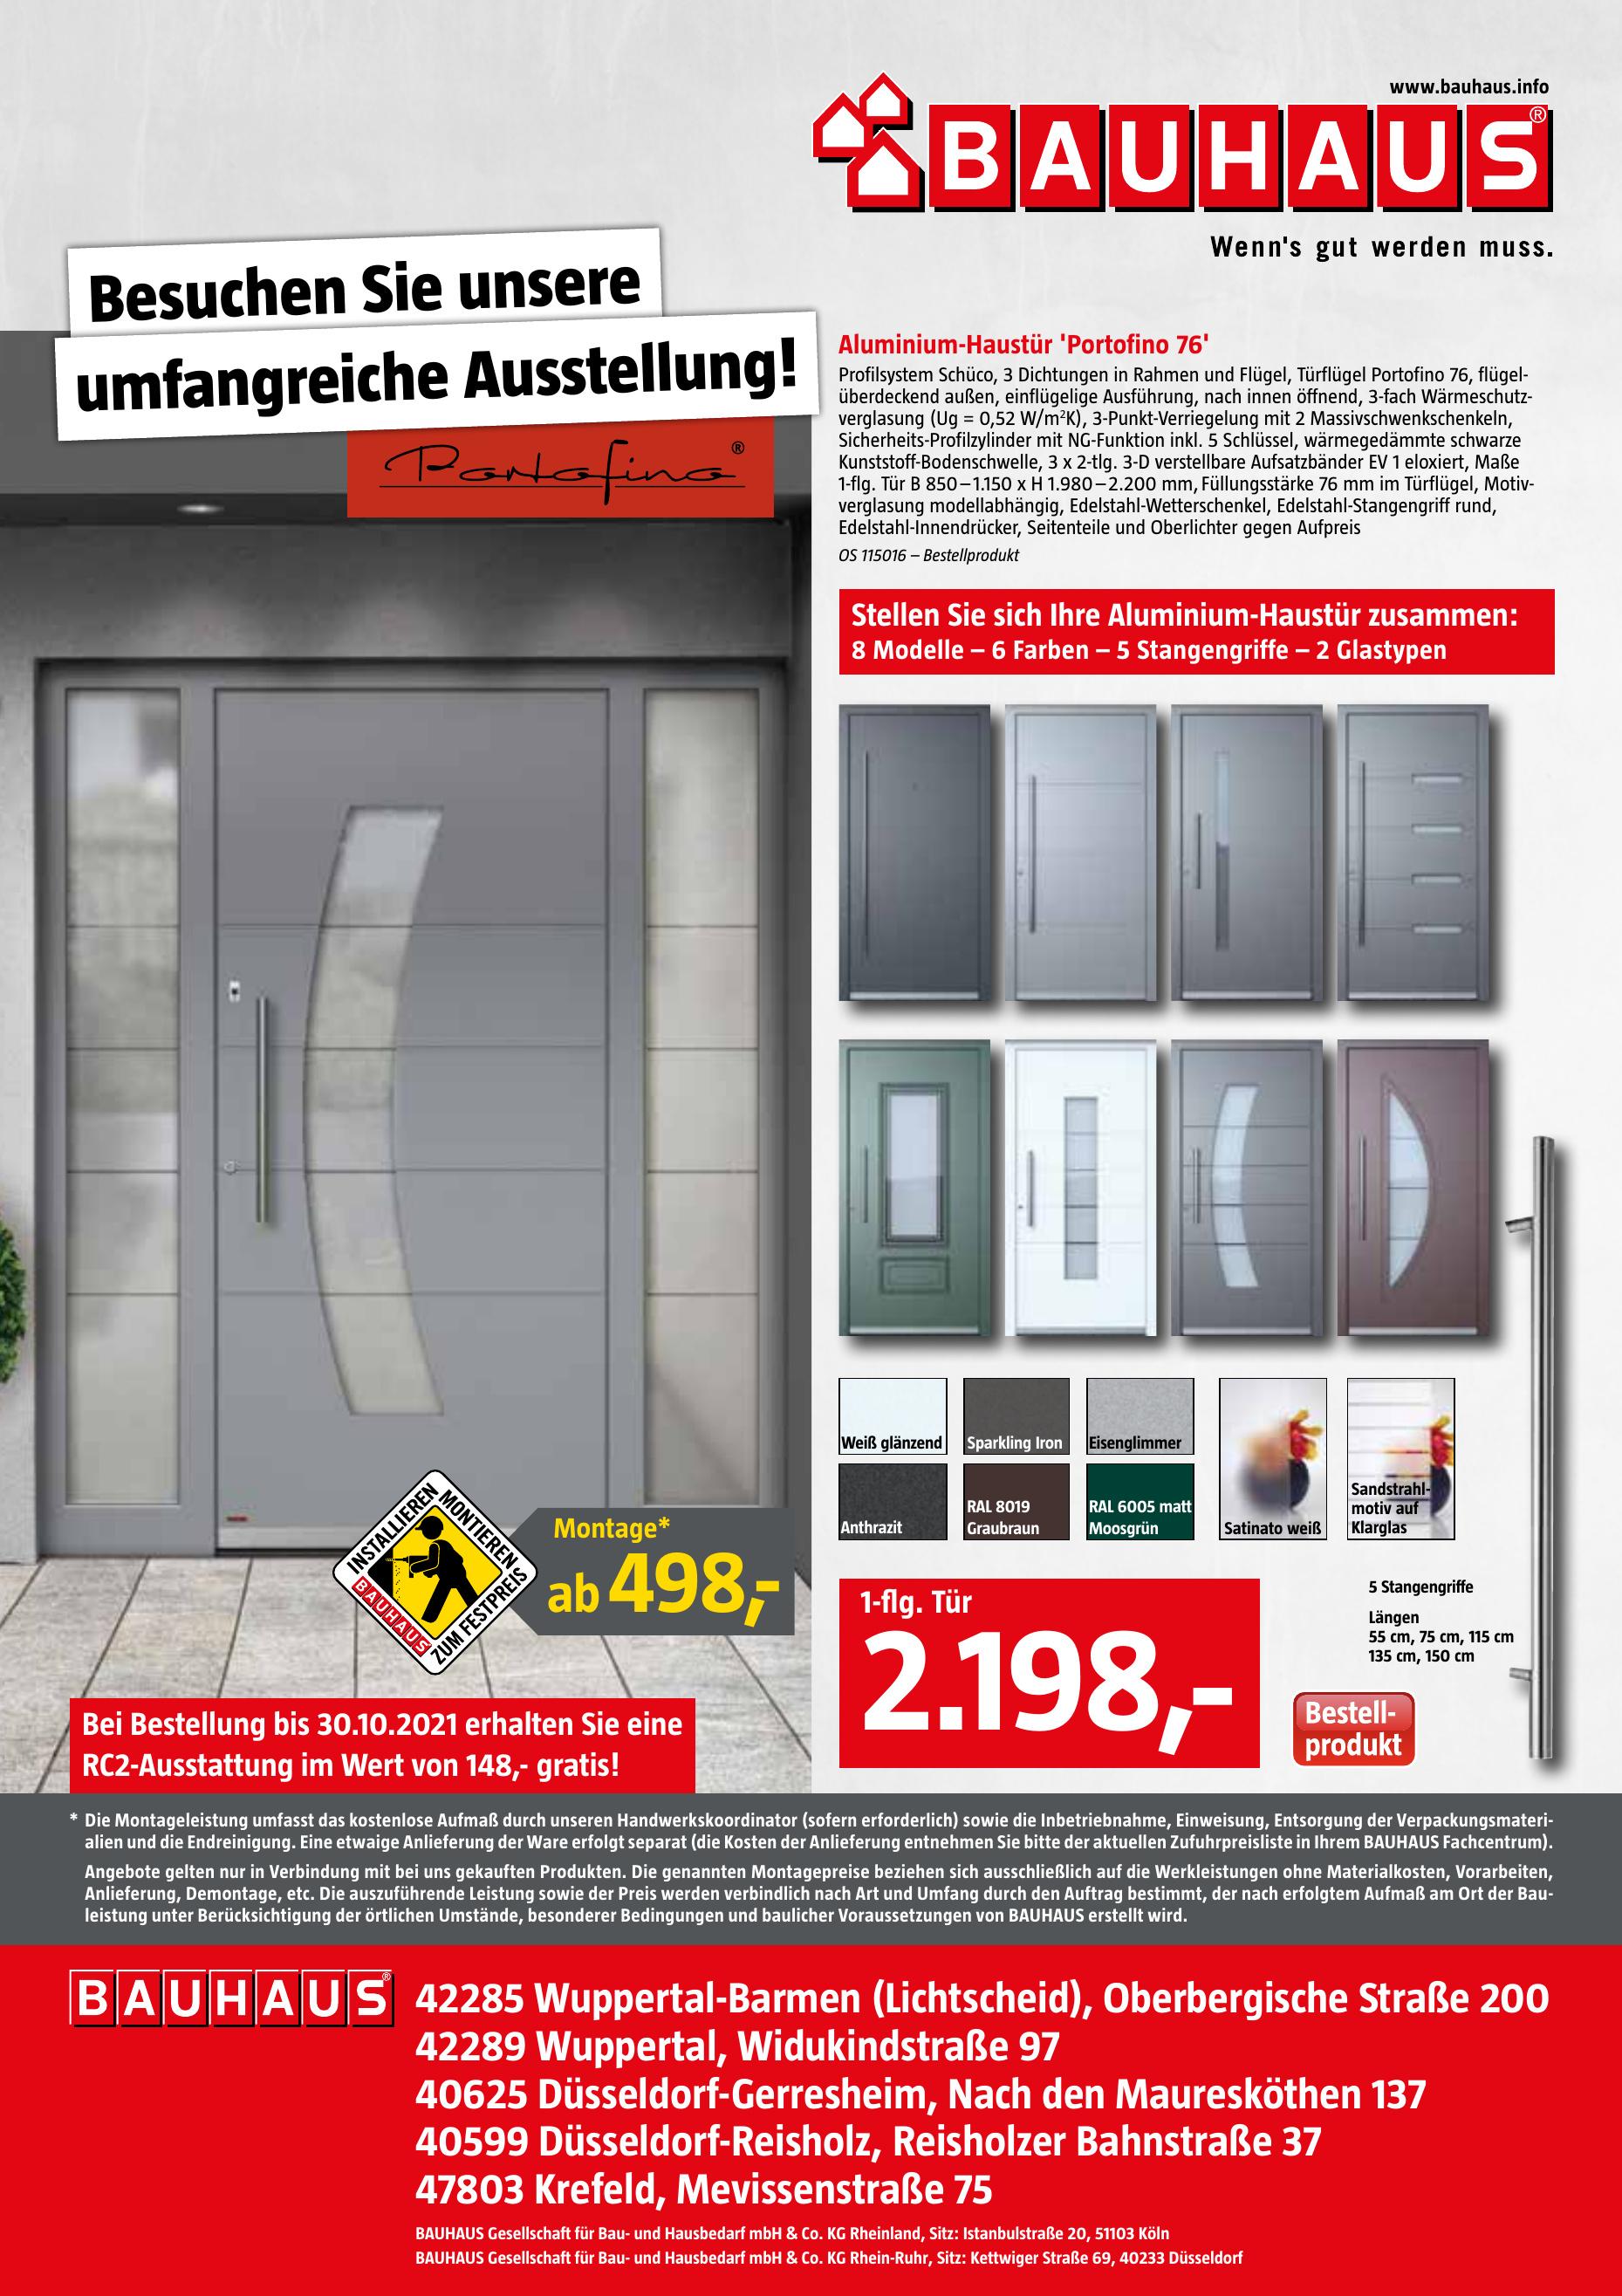 BAUHAUS Gesellschaft für Bau- und Hausbedarf mbH & Co. KG Rheinland